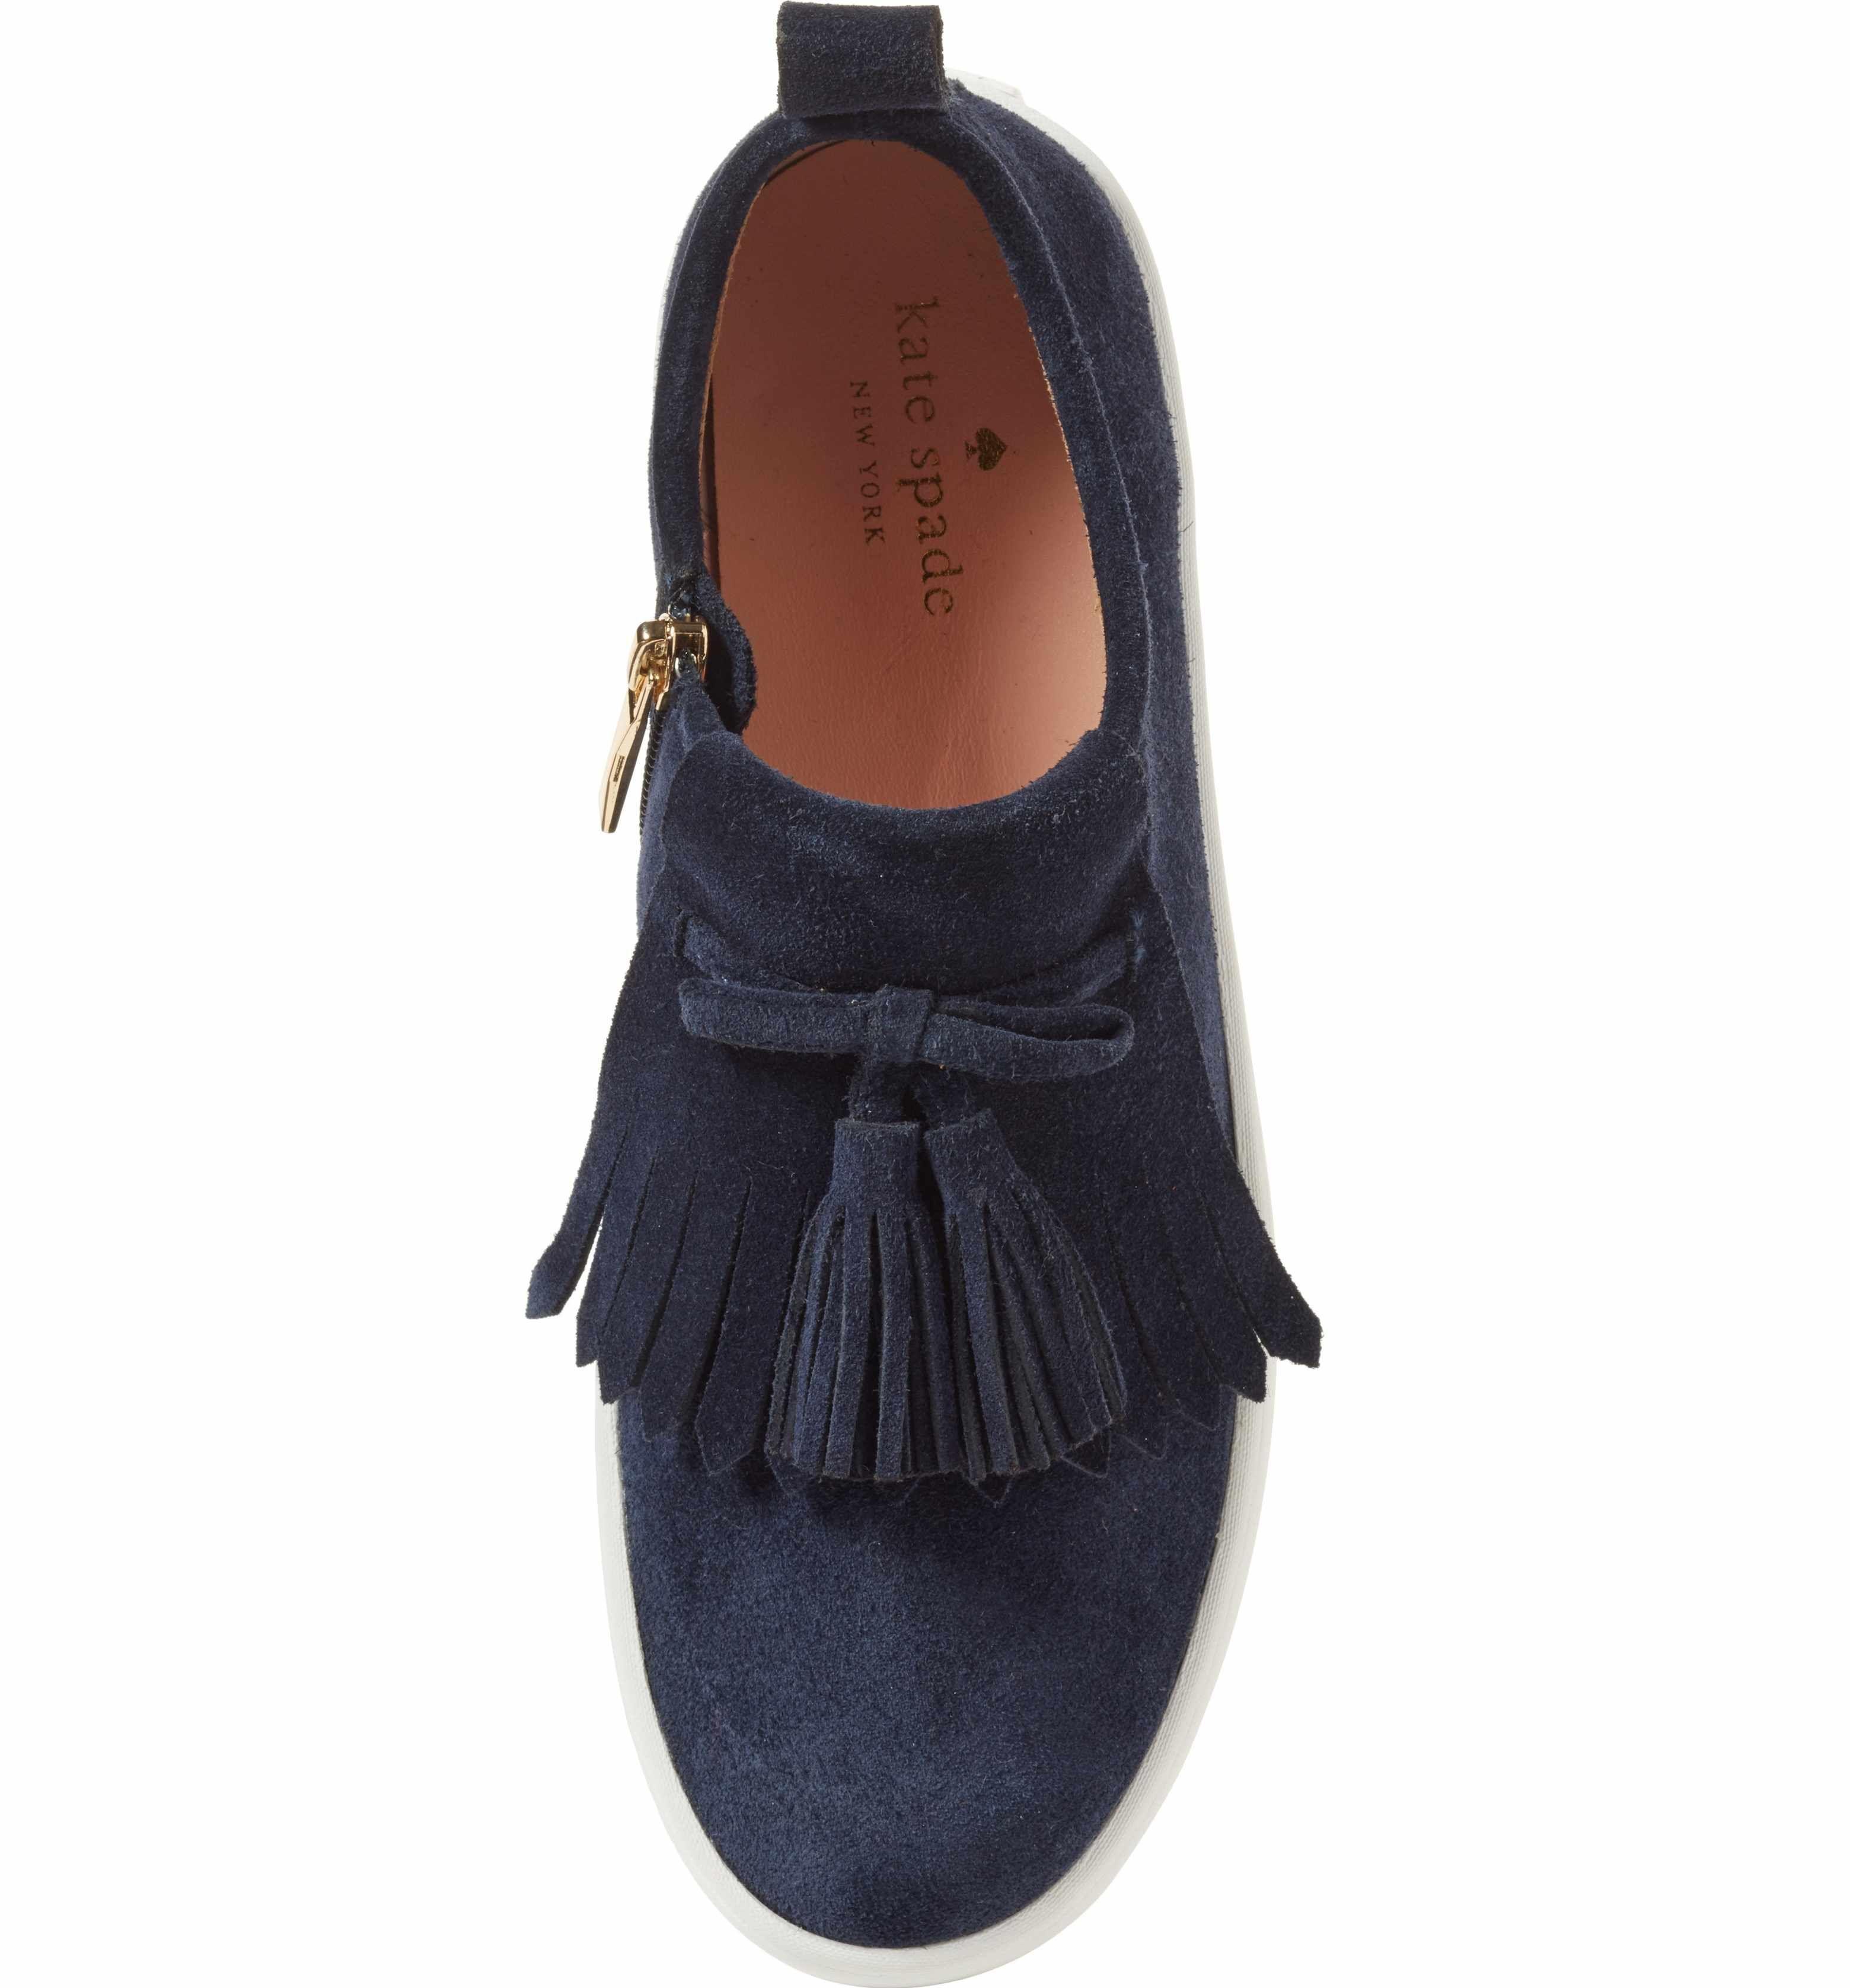 b848a094da34 Main Image - kate spade new york lenna tassel sneaker (Women)